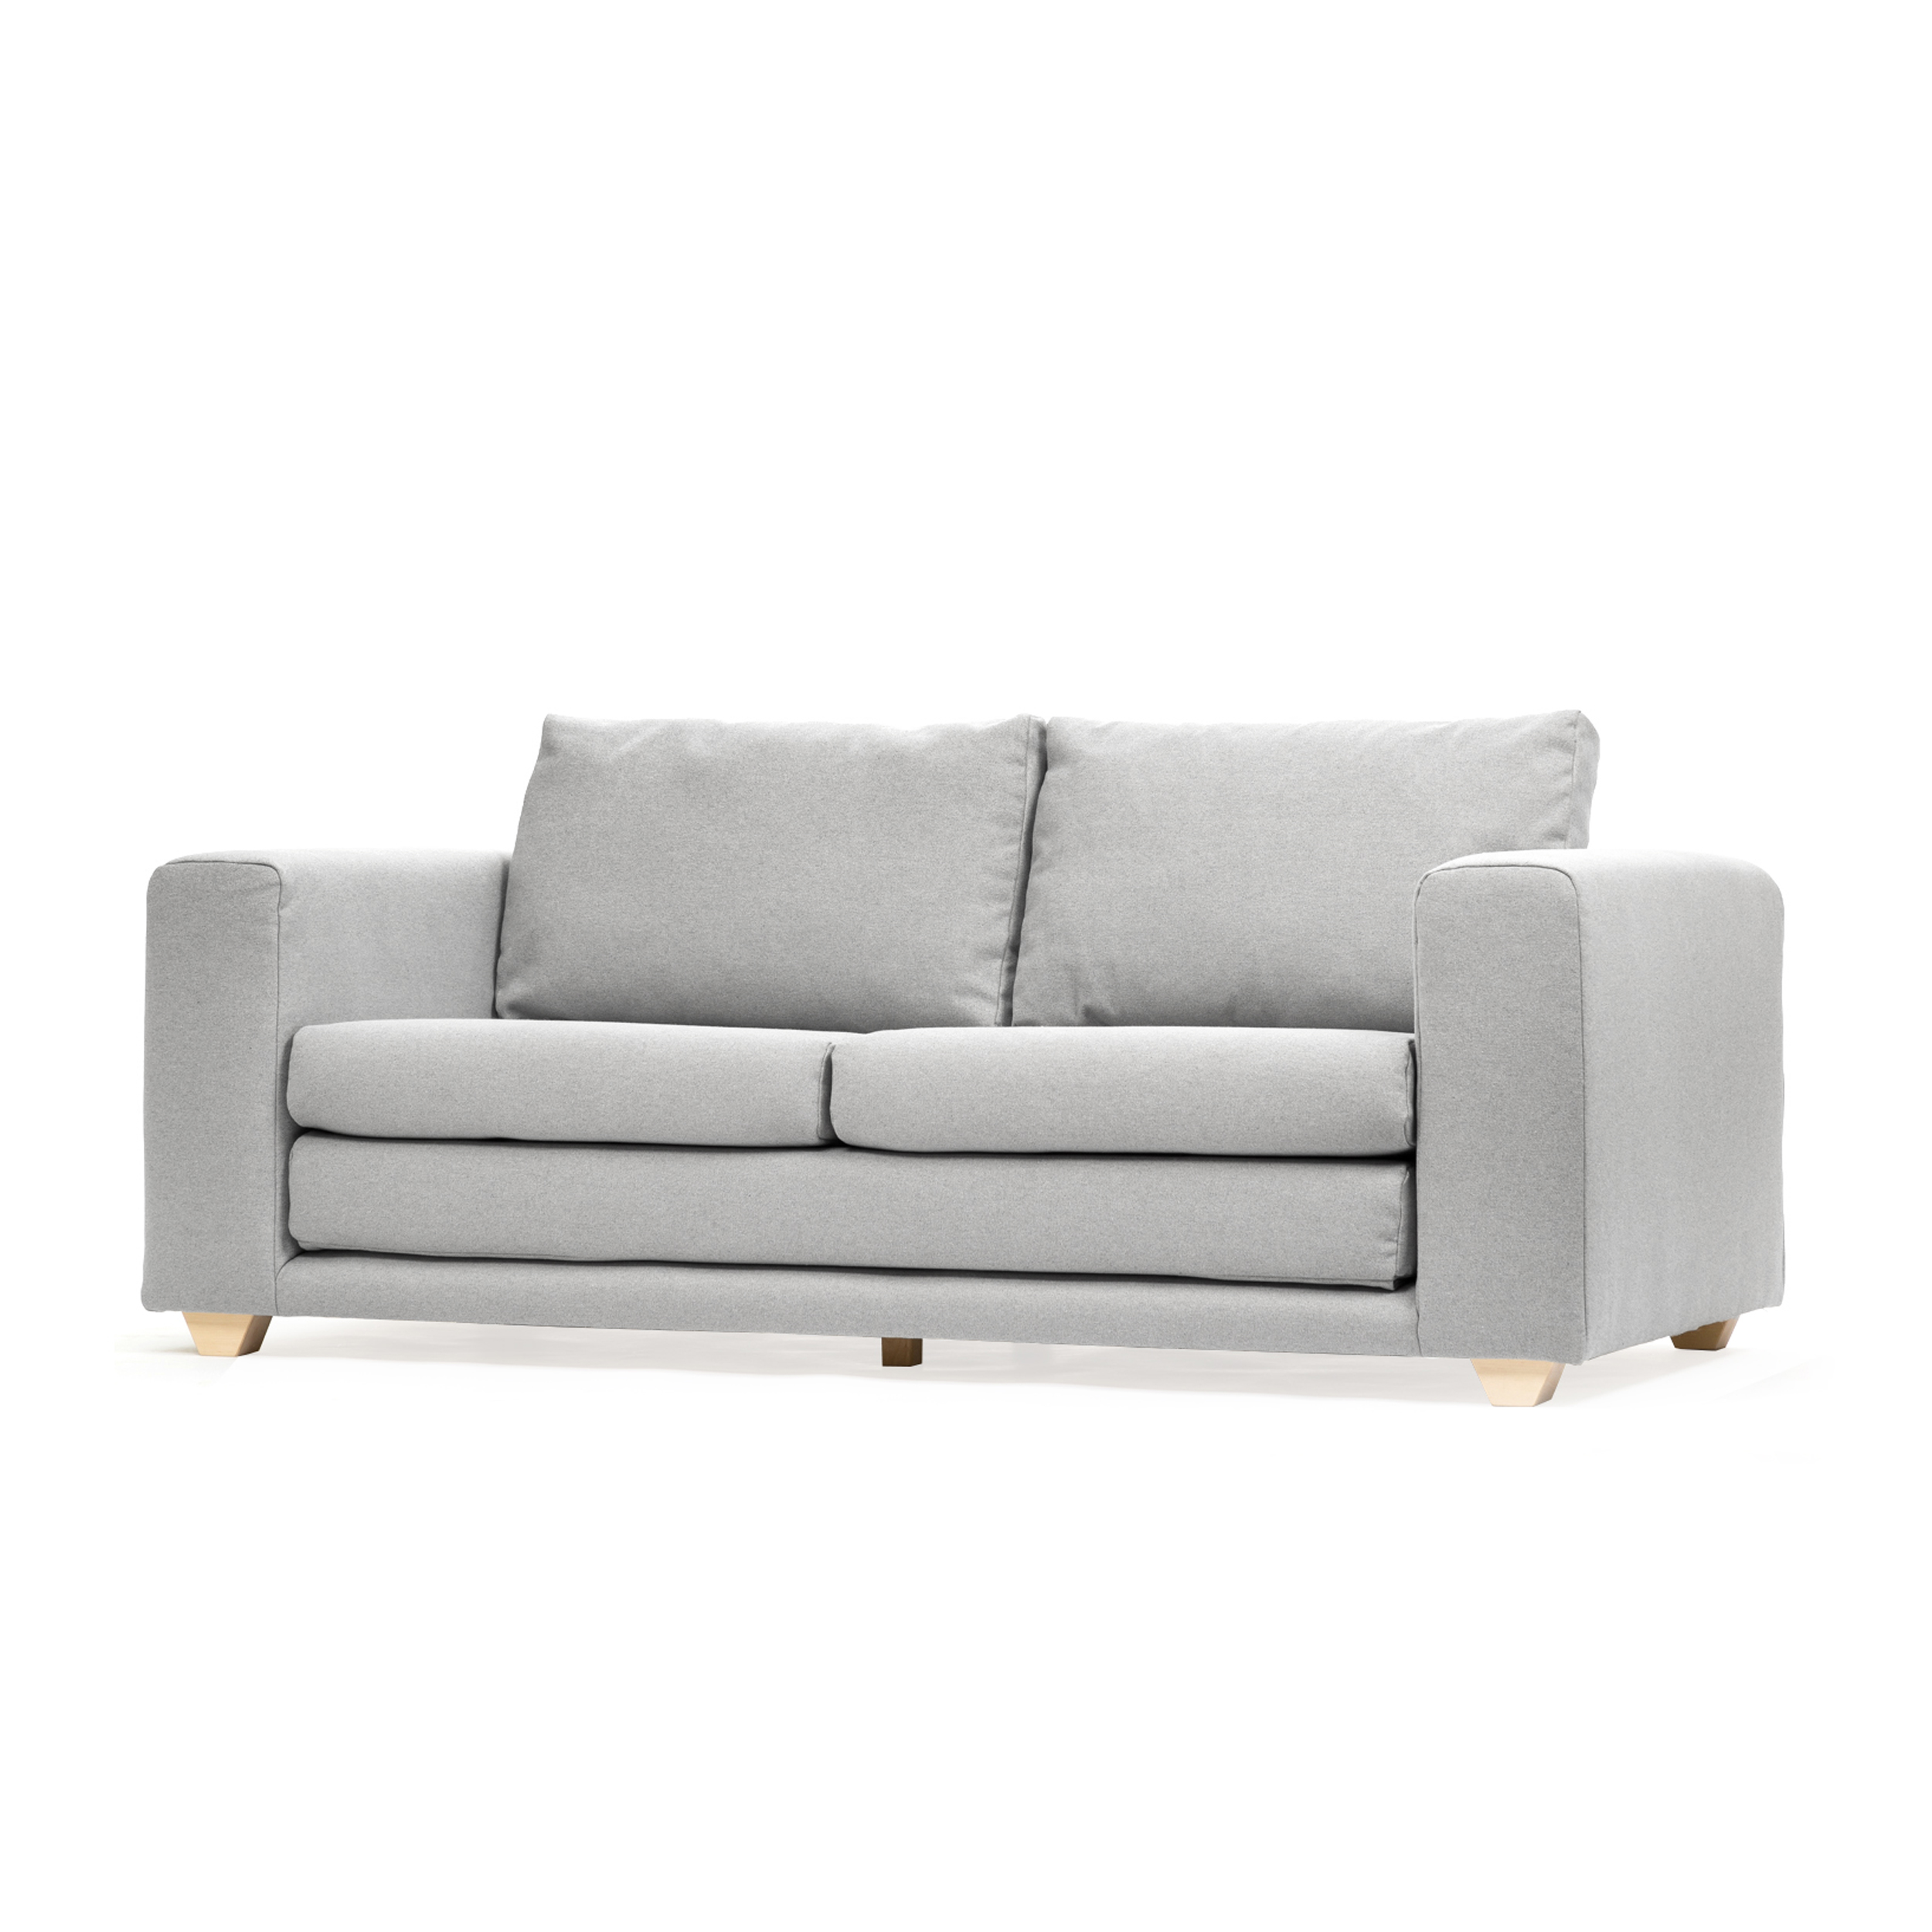 Диван VictorРаскладные<br>Дизайнерский невысокий раскладной диван Victor (Виктор) на низких ножках от Softline (Софтлайн).<br><br><br><br><br> Диван Victor — роскошный классической формы диван, и это обстоятельство делает его просто универсальным для использования в любом помещении. Благодаря своему минималистичному дизайну, этот диван органично смотрится как дома, так и в офисе. Кроме того, он чрезвычайно комфортабелен и удобен, а также функционален, ведь вы легко сможете трансформировать диван Victor в просторное и удобное сп...<br><br>stock: 2<br>Высота: 77<br>Глубина: 87<br>Длина: 182<br>Материал обивки: Хлопок, Полиэстер<br>Коллекция ткани: Vision<br>Тип материала обивки: Ткань<br>Размер спального места (см): 220х140<br>Цвет обивки: Серый